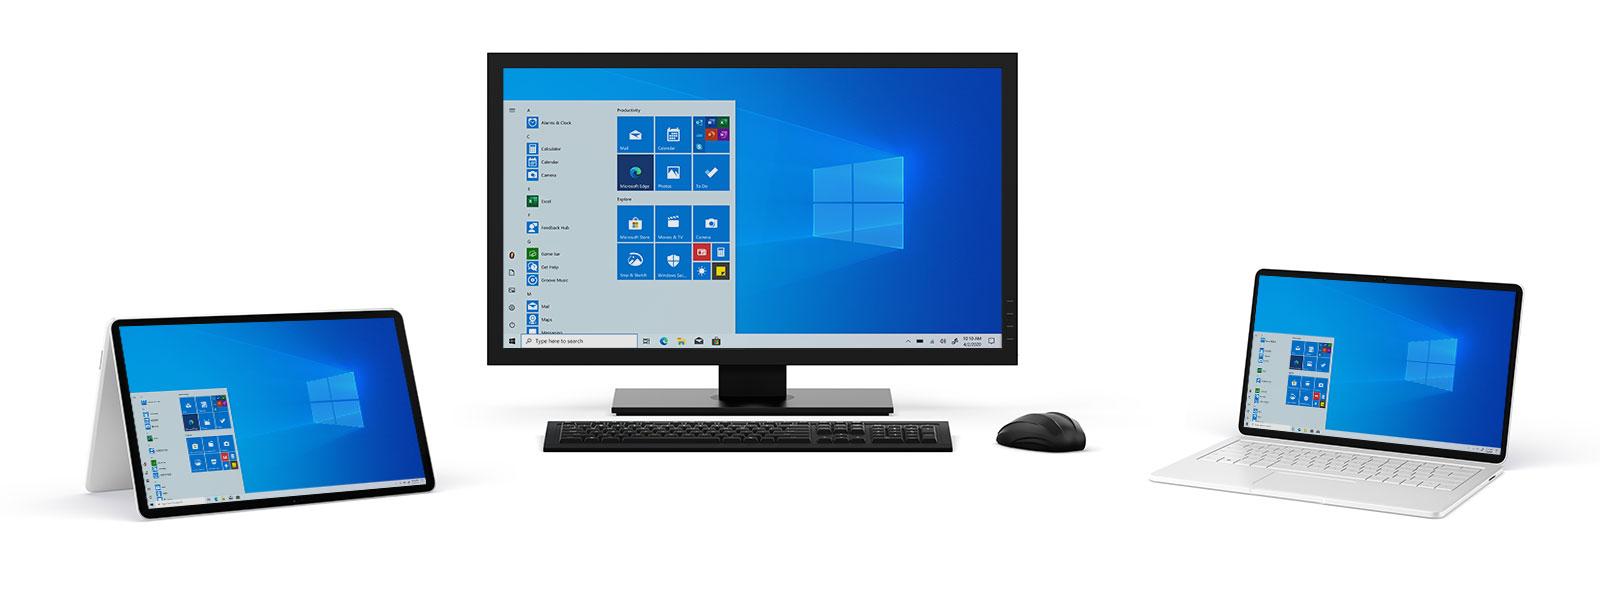 Windows 10 デバイスのコレクション